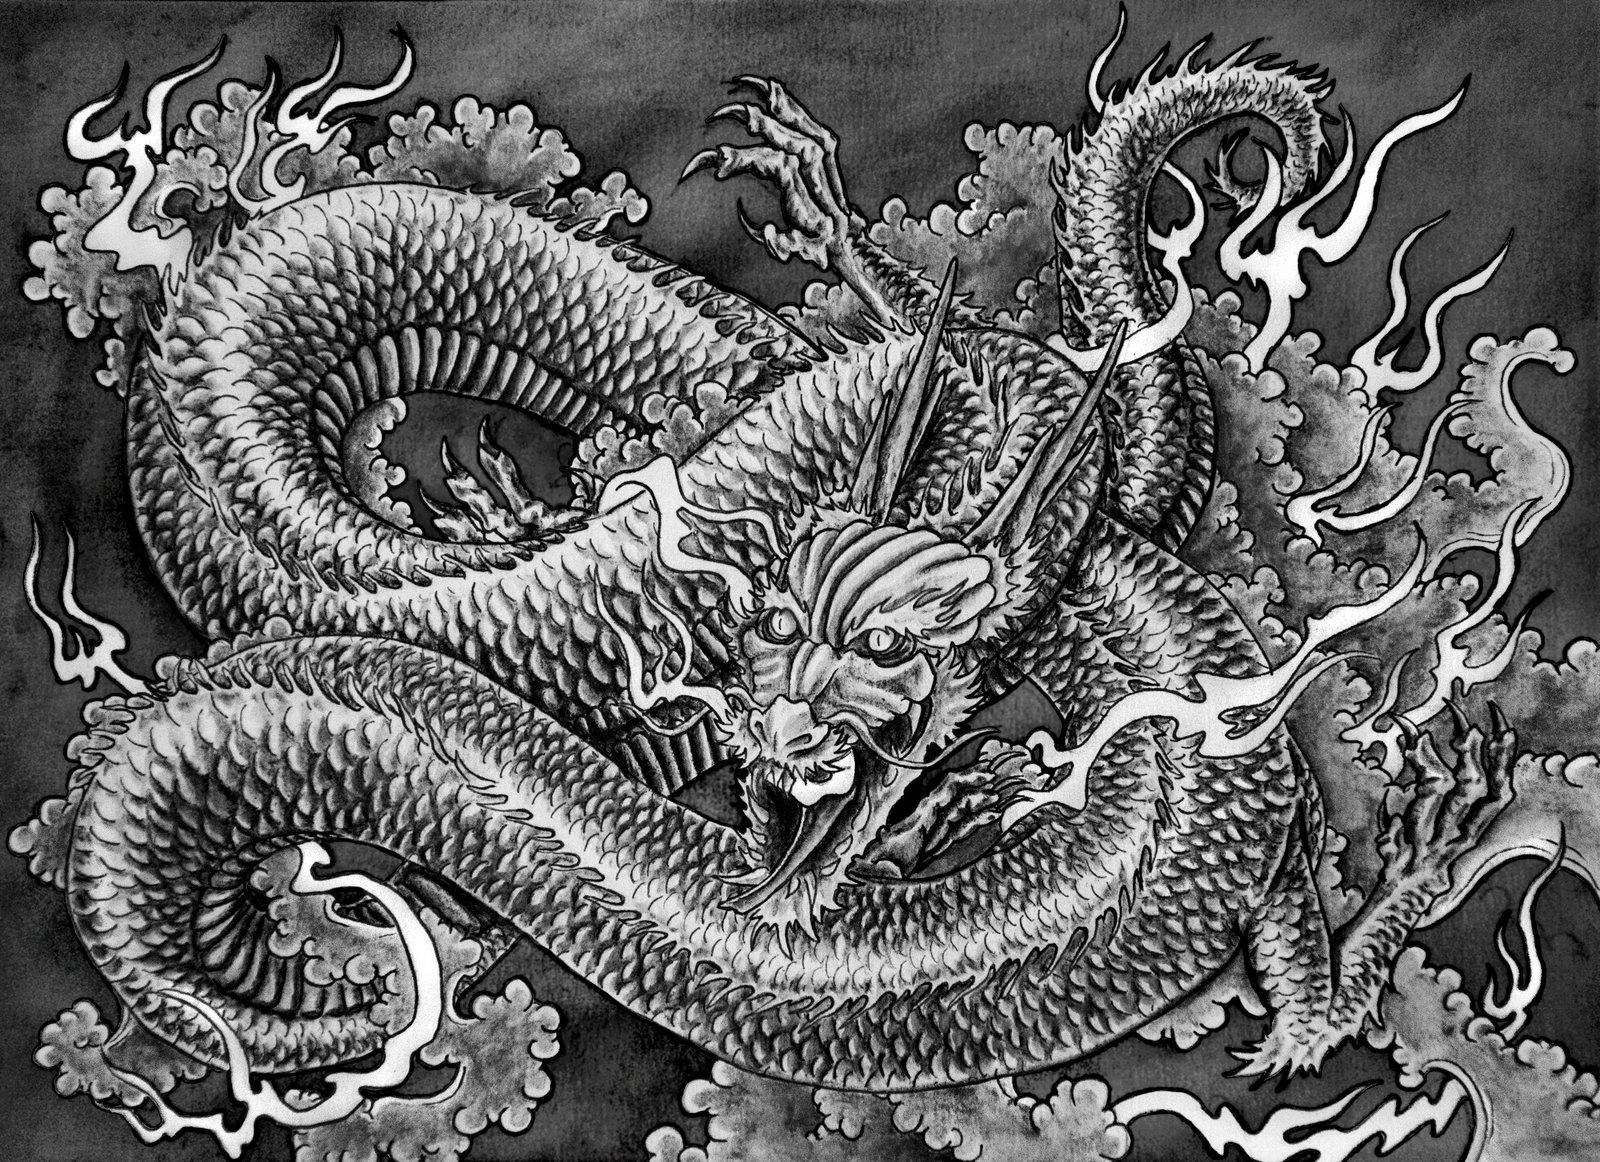 Drawn wallpaper dragon Wallpaper Japanese Download dragon Free